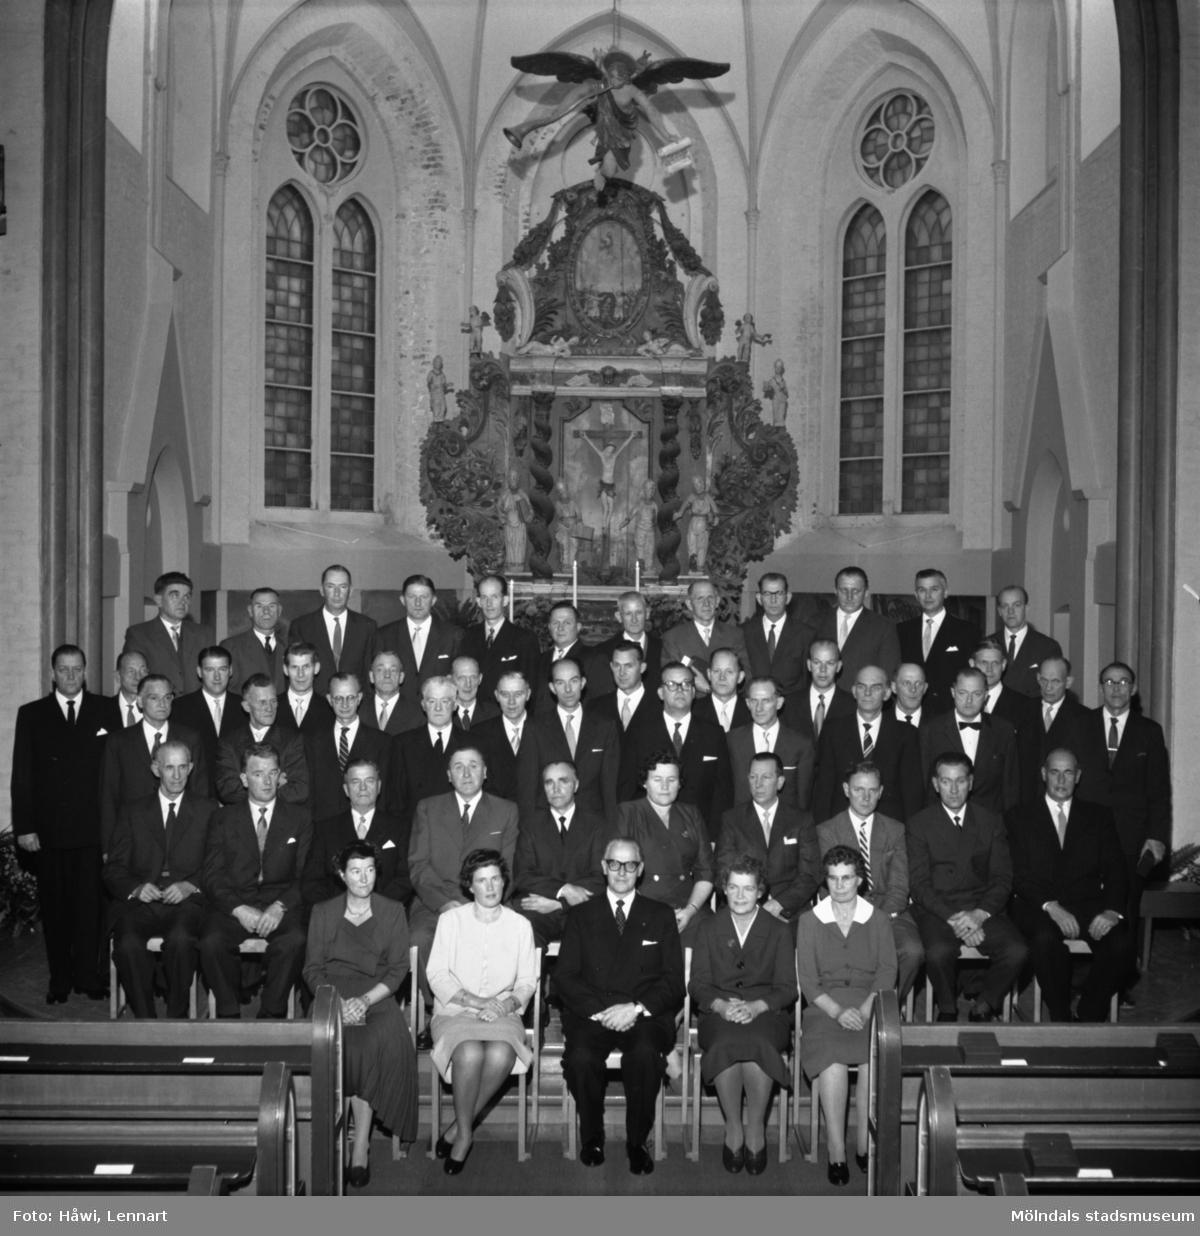 Utdelning av Papyrus minnesgåva 1960. Fässbergs kyrka i Mölndal, 9/11 1960.